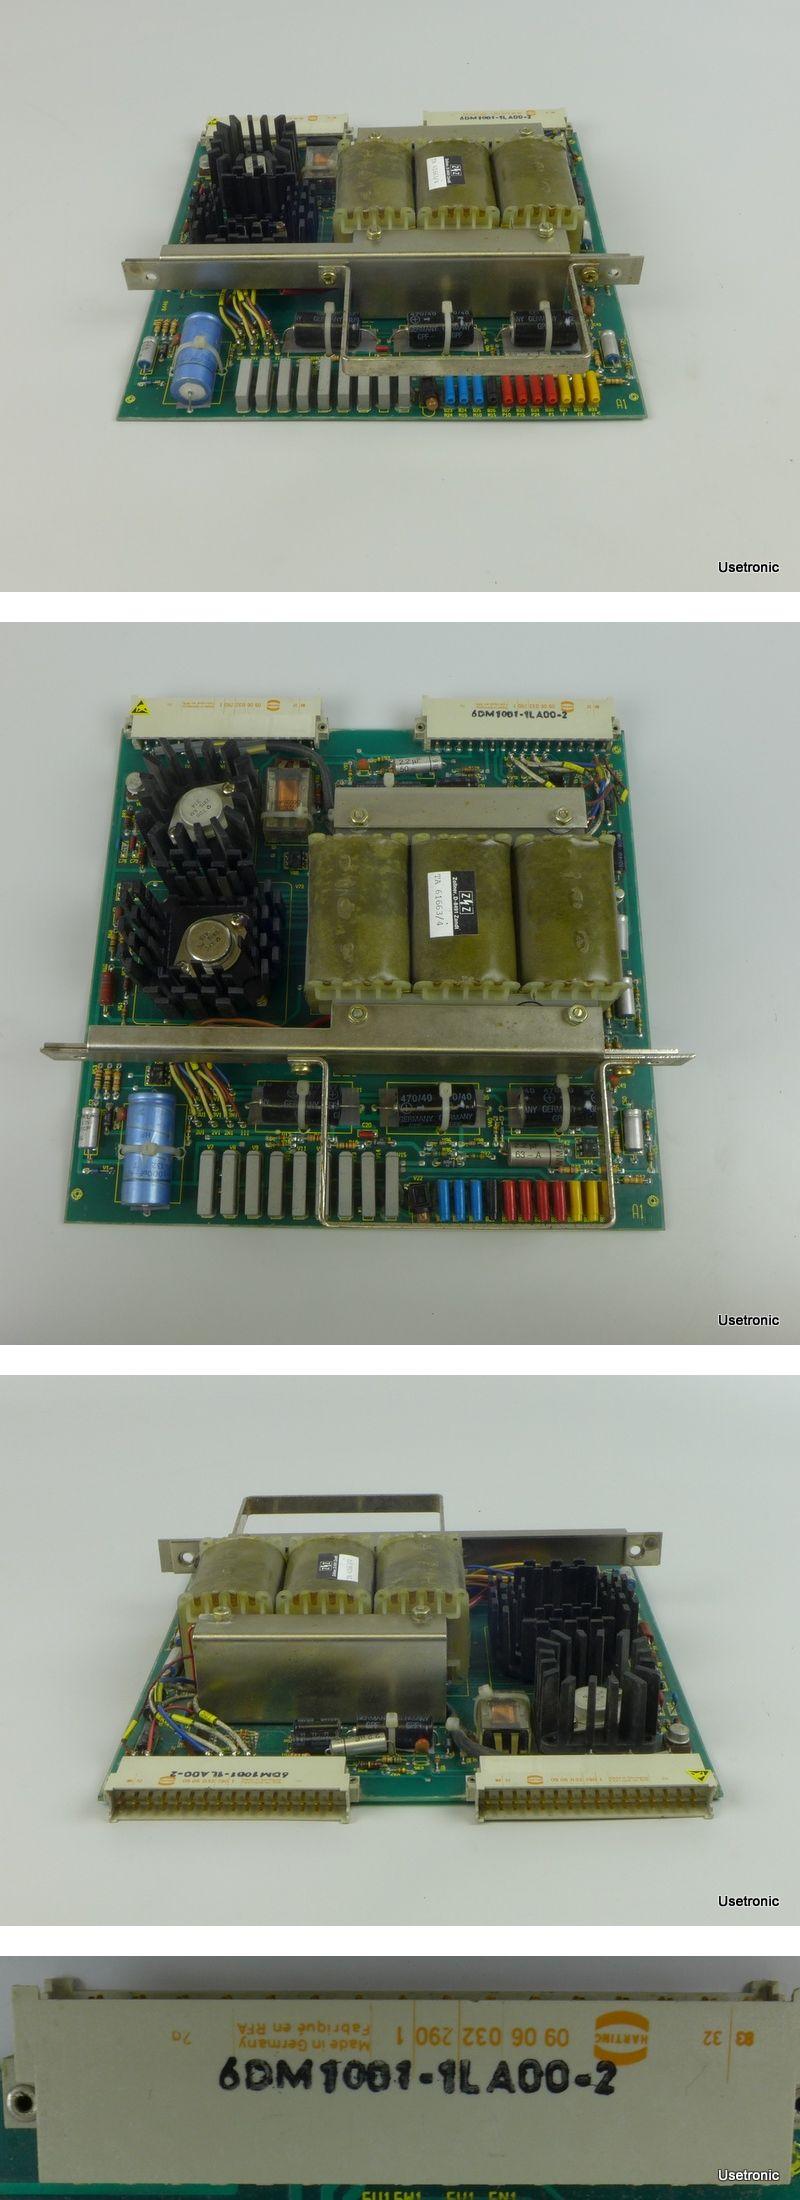 Siemens 6DM1001-1LA00-2